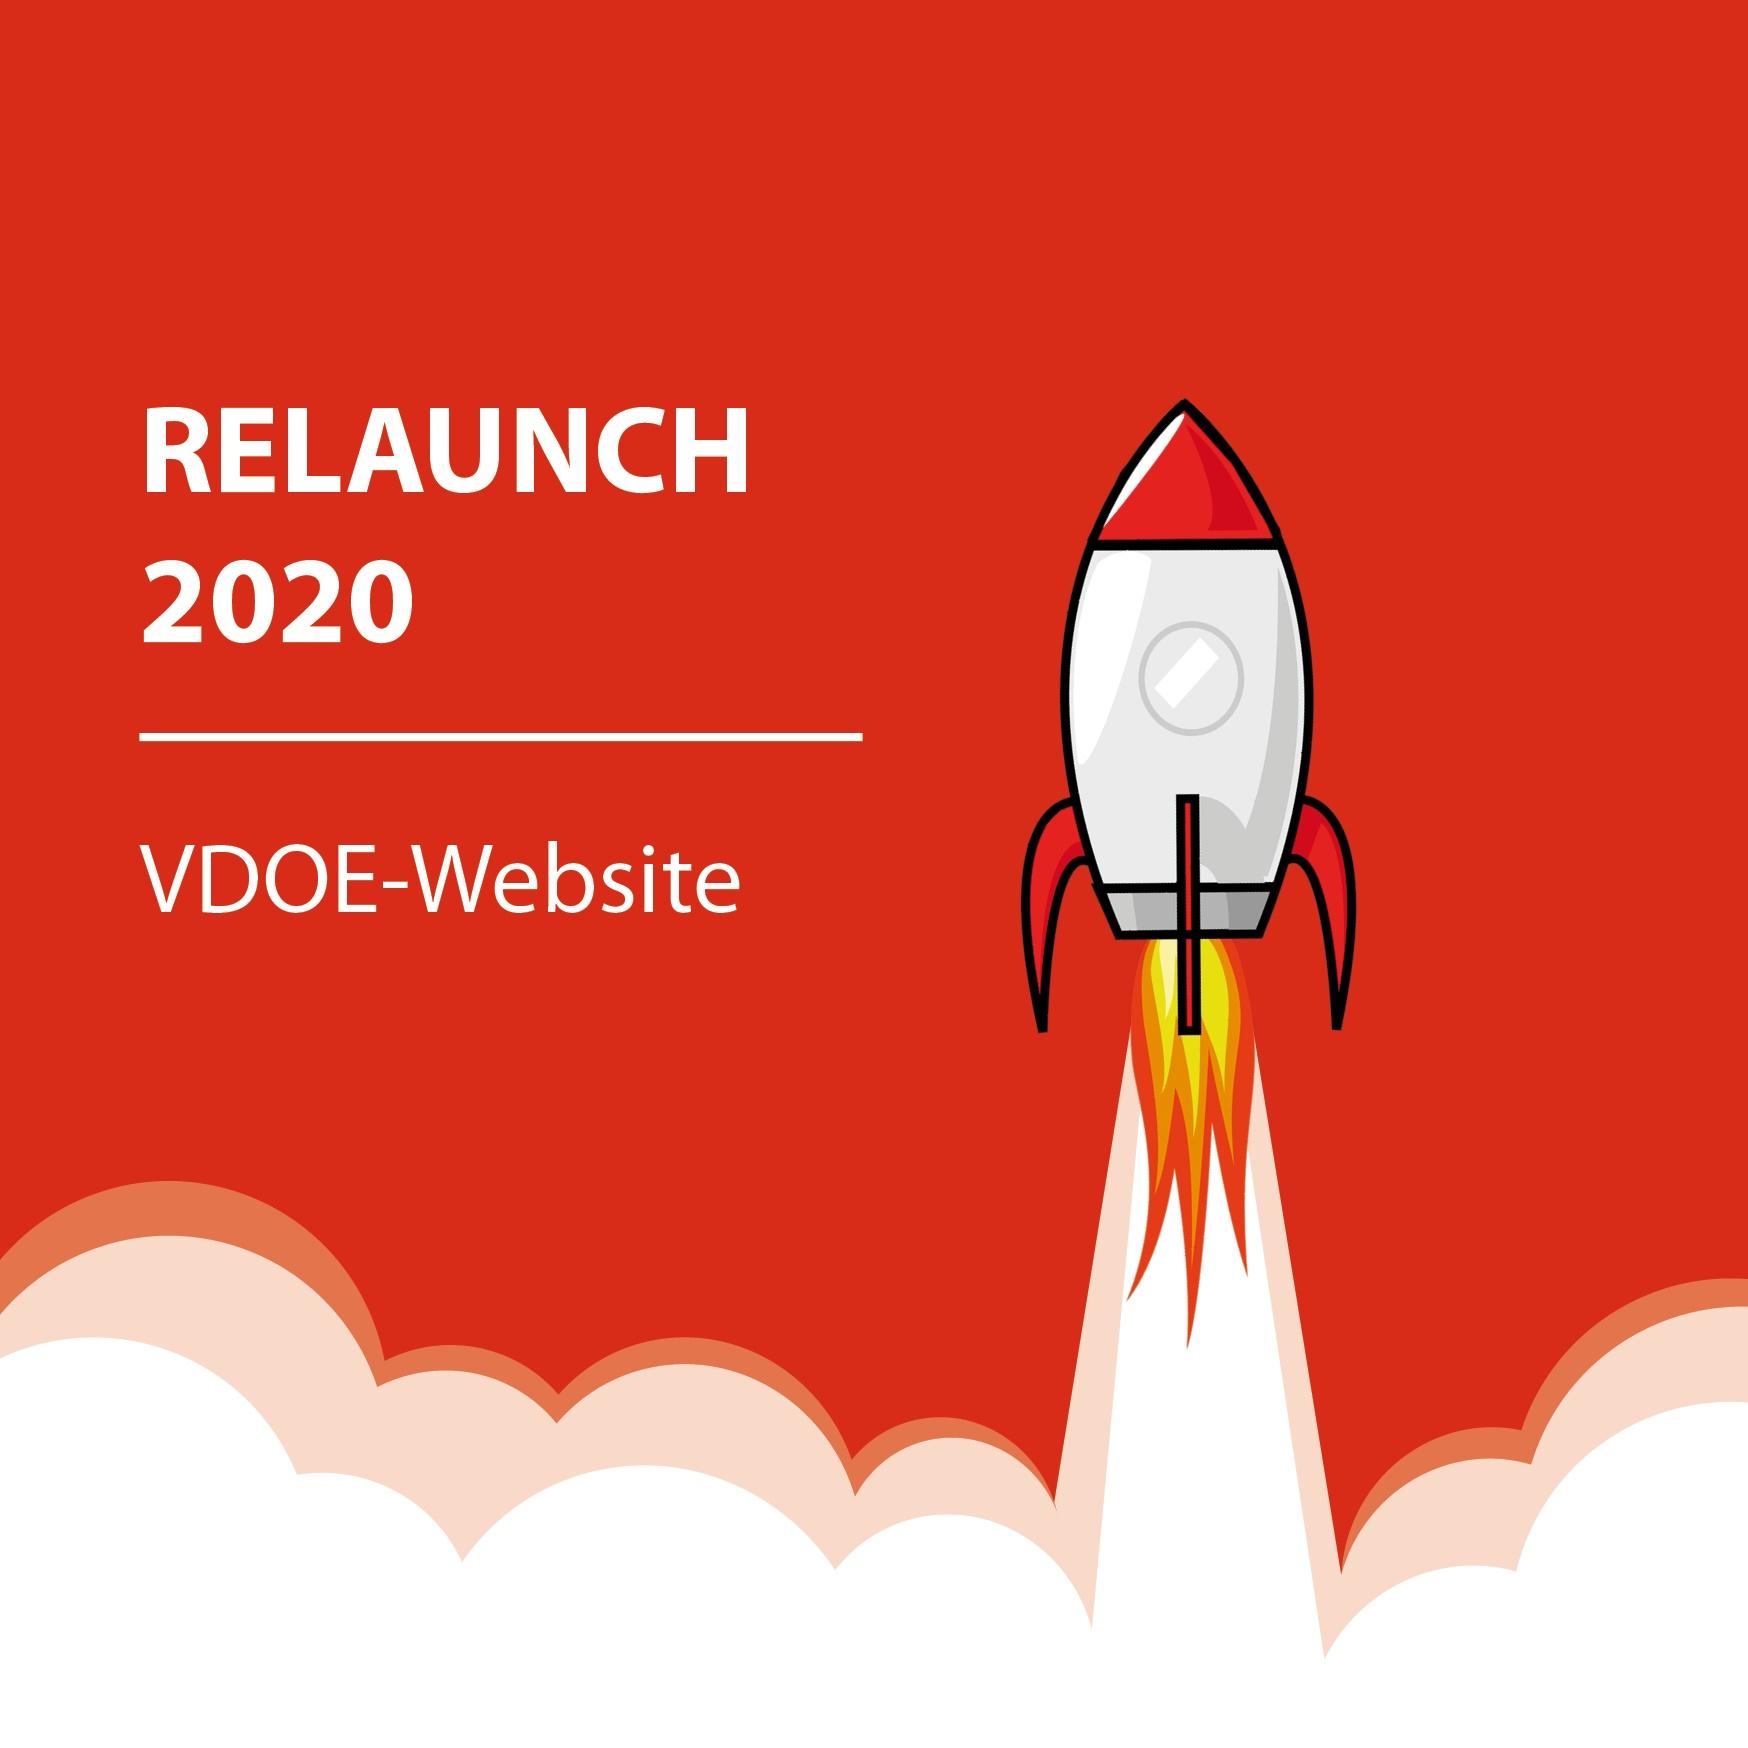 VDOE-Website: RELAUNCH 2020